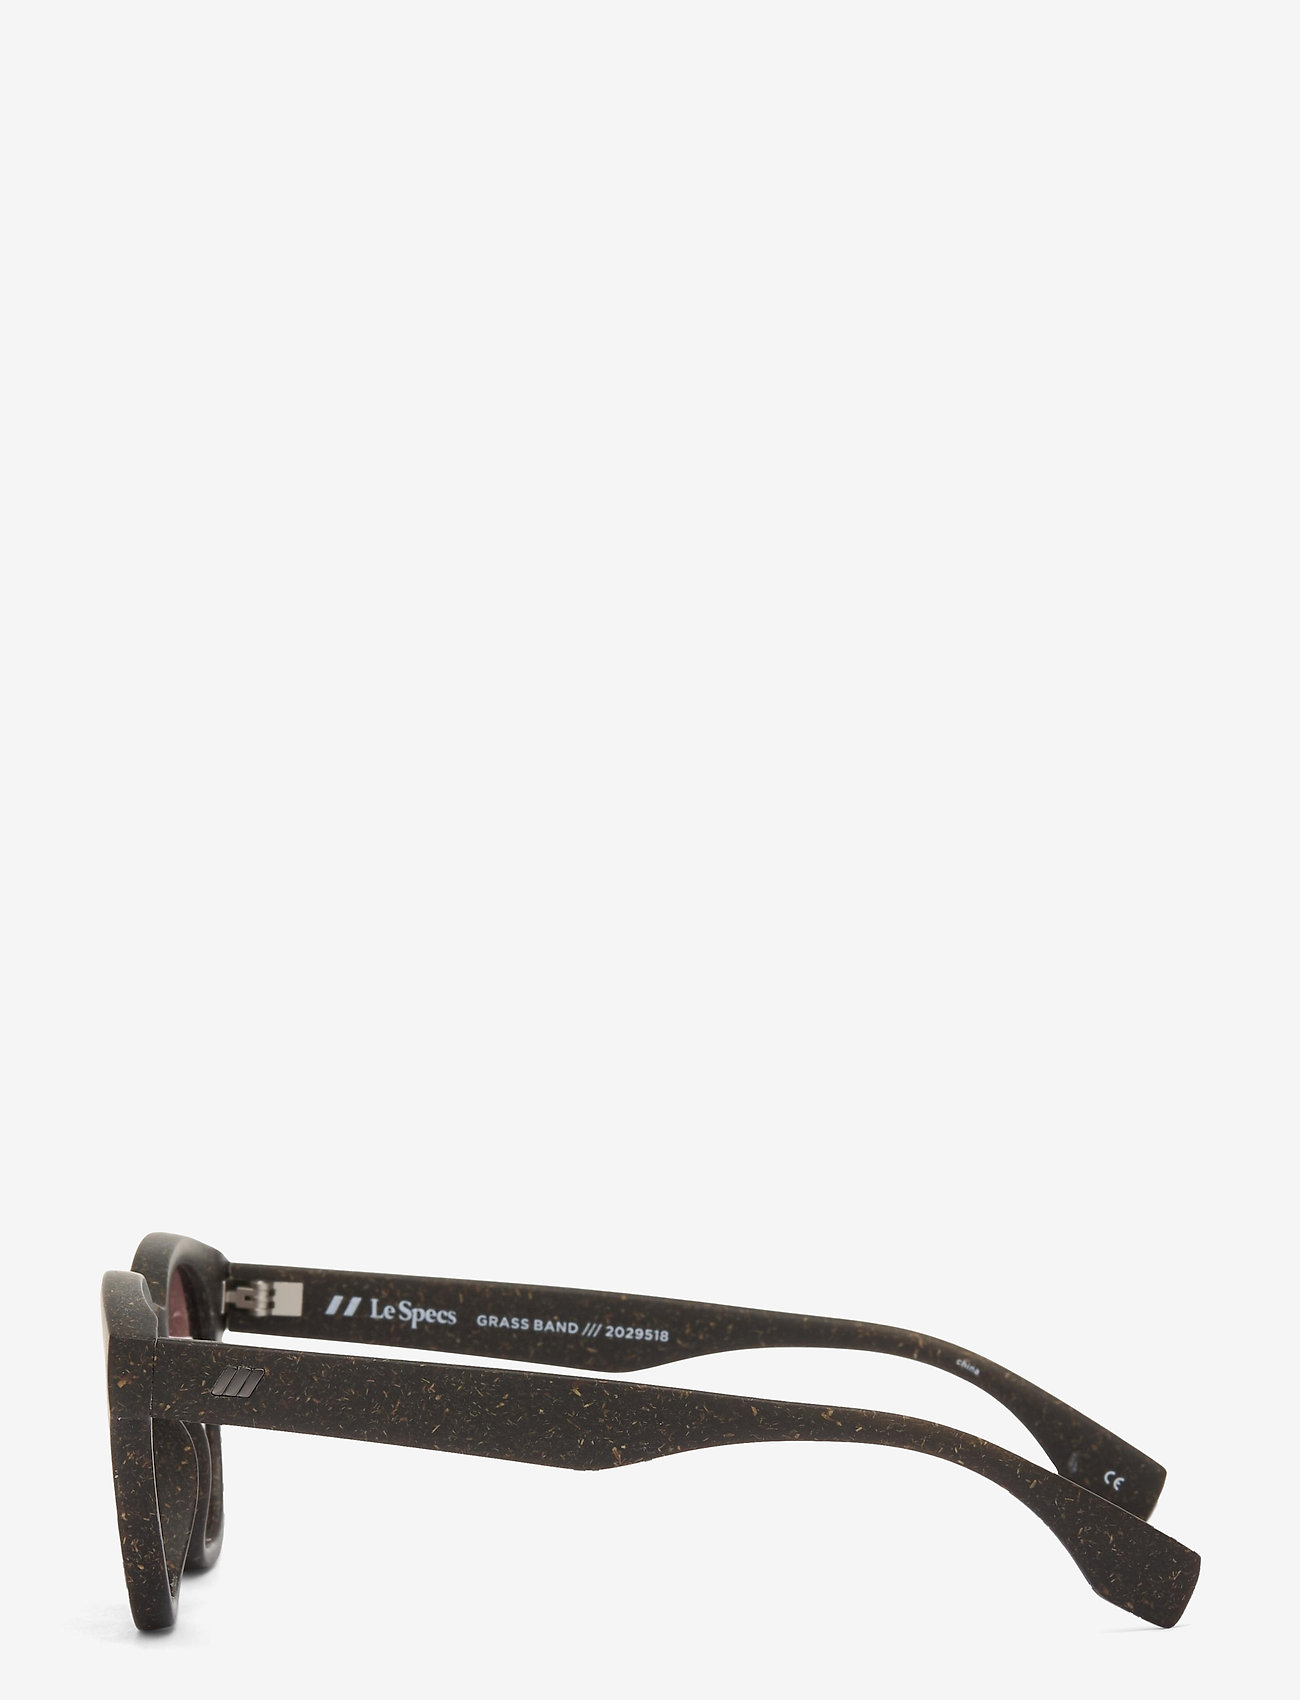 Le Specs - LE SUSTAIN - GRASS BAND - okrągłe okulary przeciwsłoneczne - midnight grass w/ smoke mono lens - 2